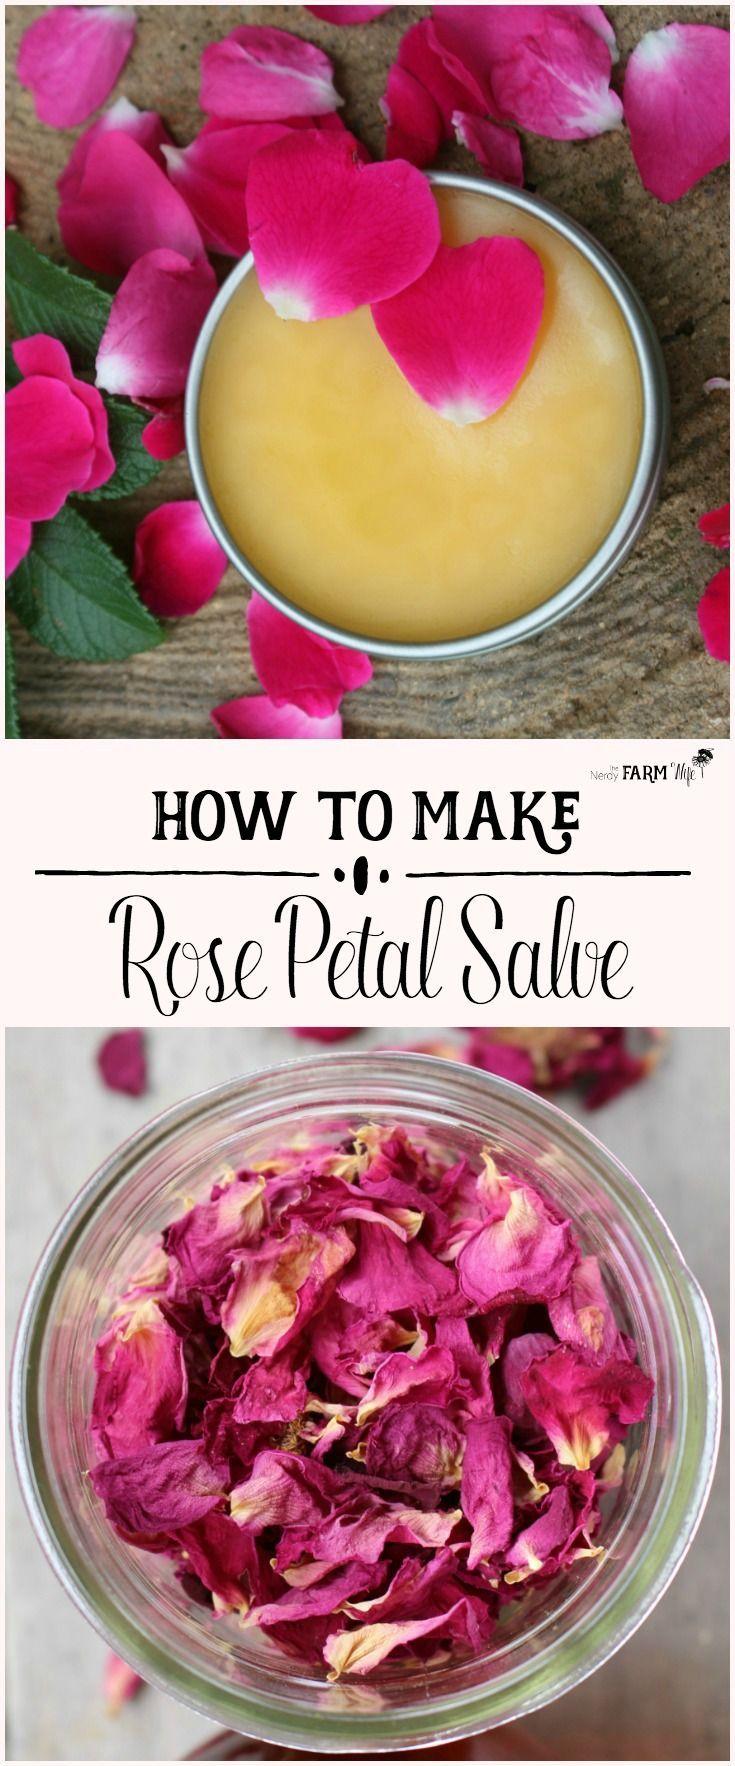 How to Make Rose Petal Salve